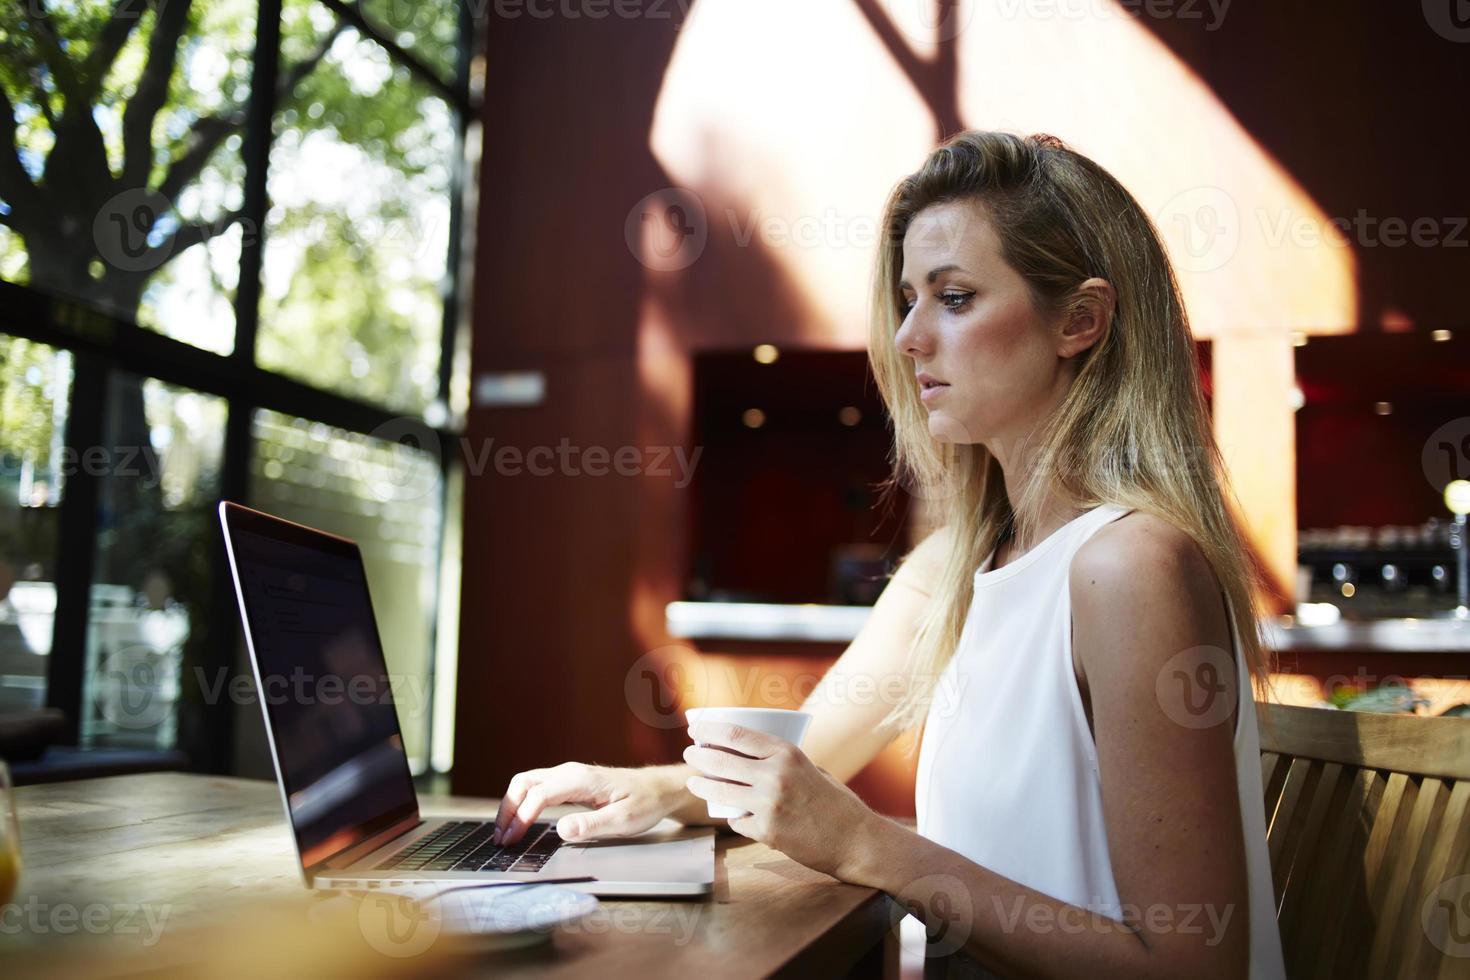 donna che tiene tazza di caffè durante la lettura di testo sul net-book foto